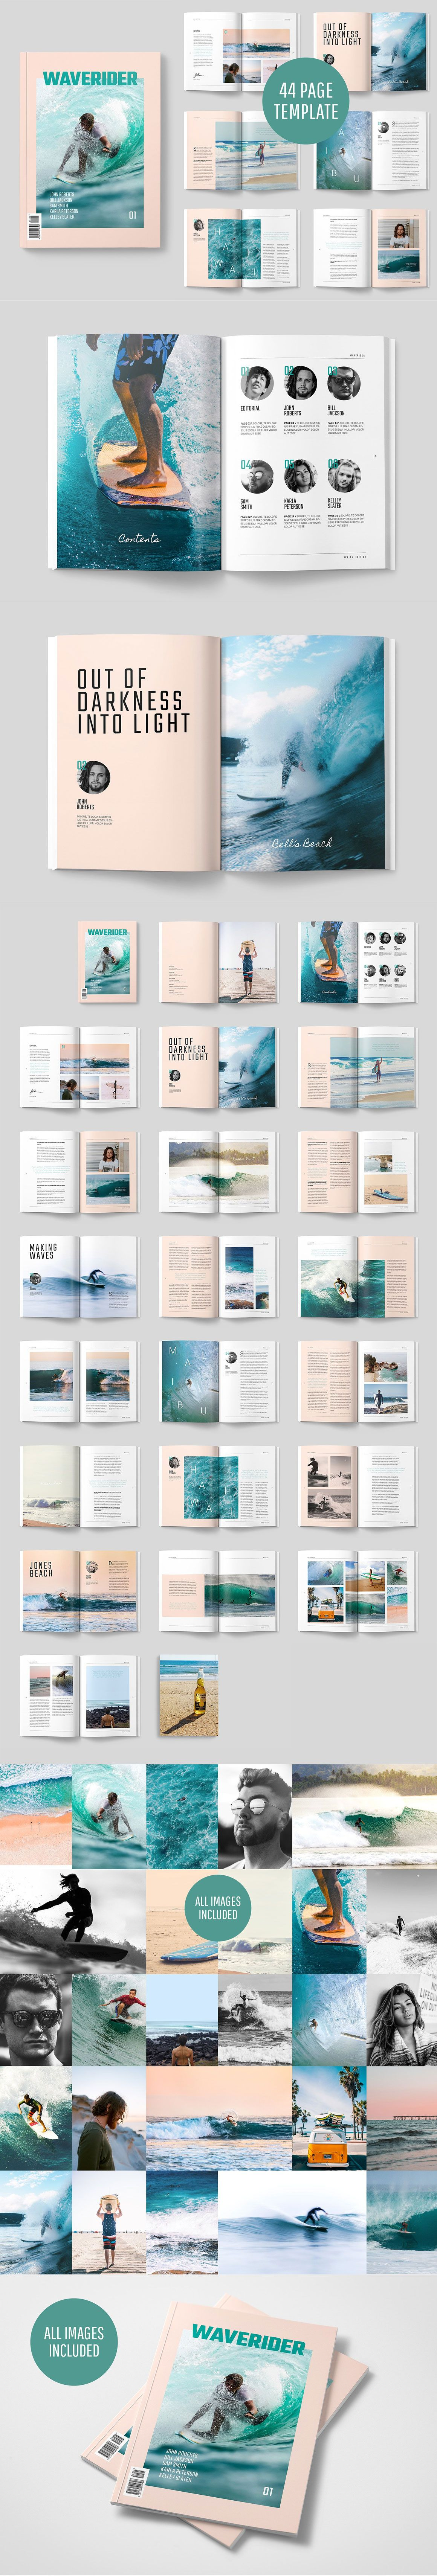 Waverider magazine | Broschüre design, Abschlussarbeiten und Broschüren